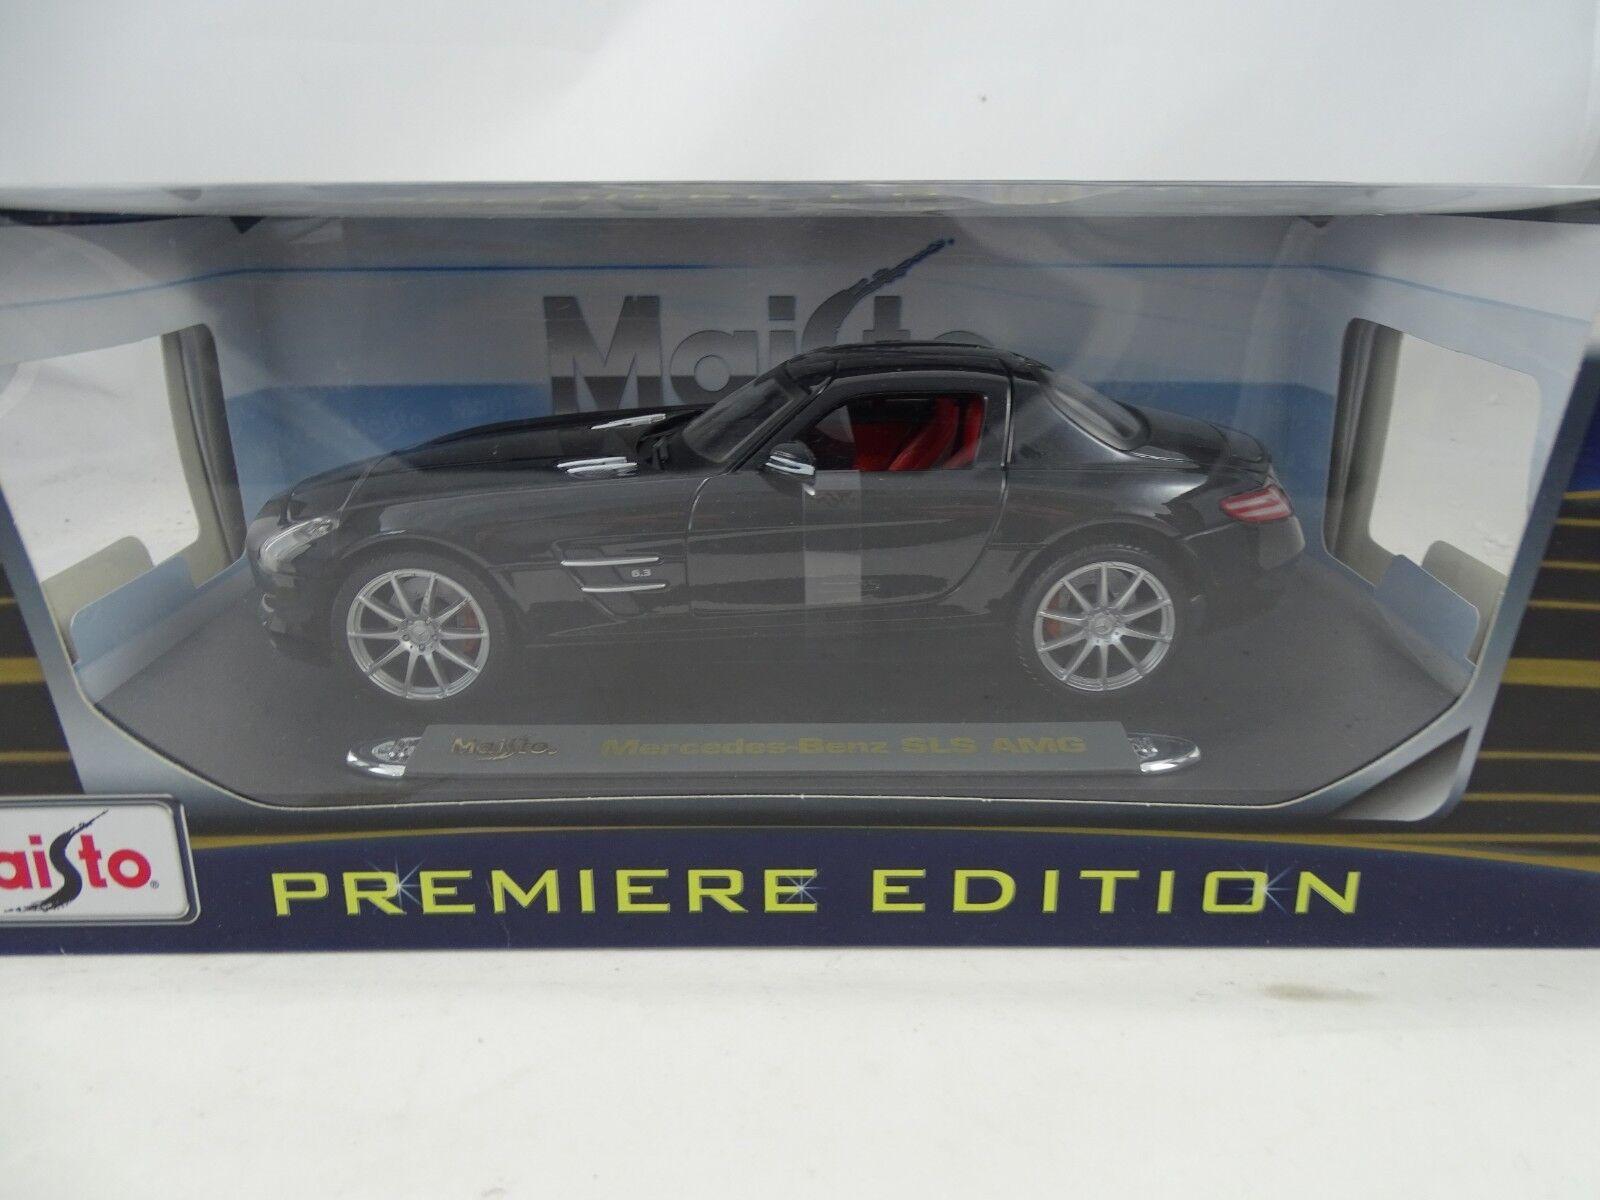 1 18 Maisto Premiere Edition   36196 Mercedes-Benz SLS AMG schwarzmet. - RARITÄT